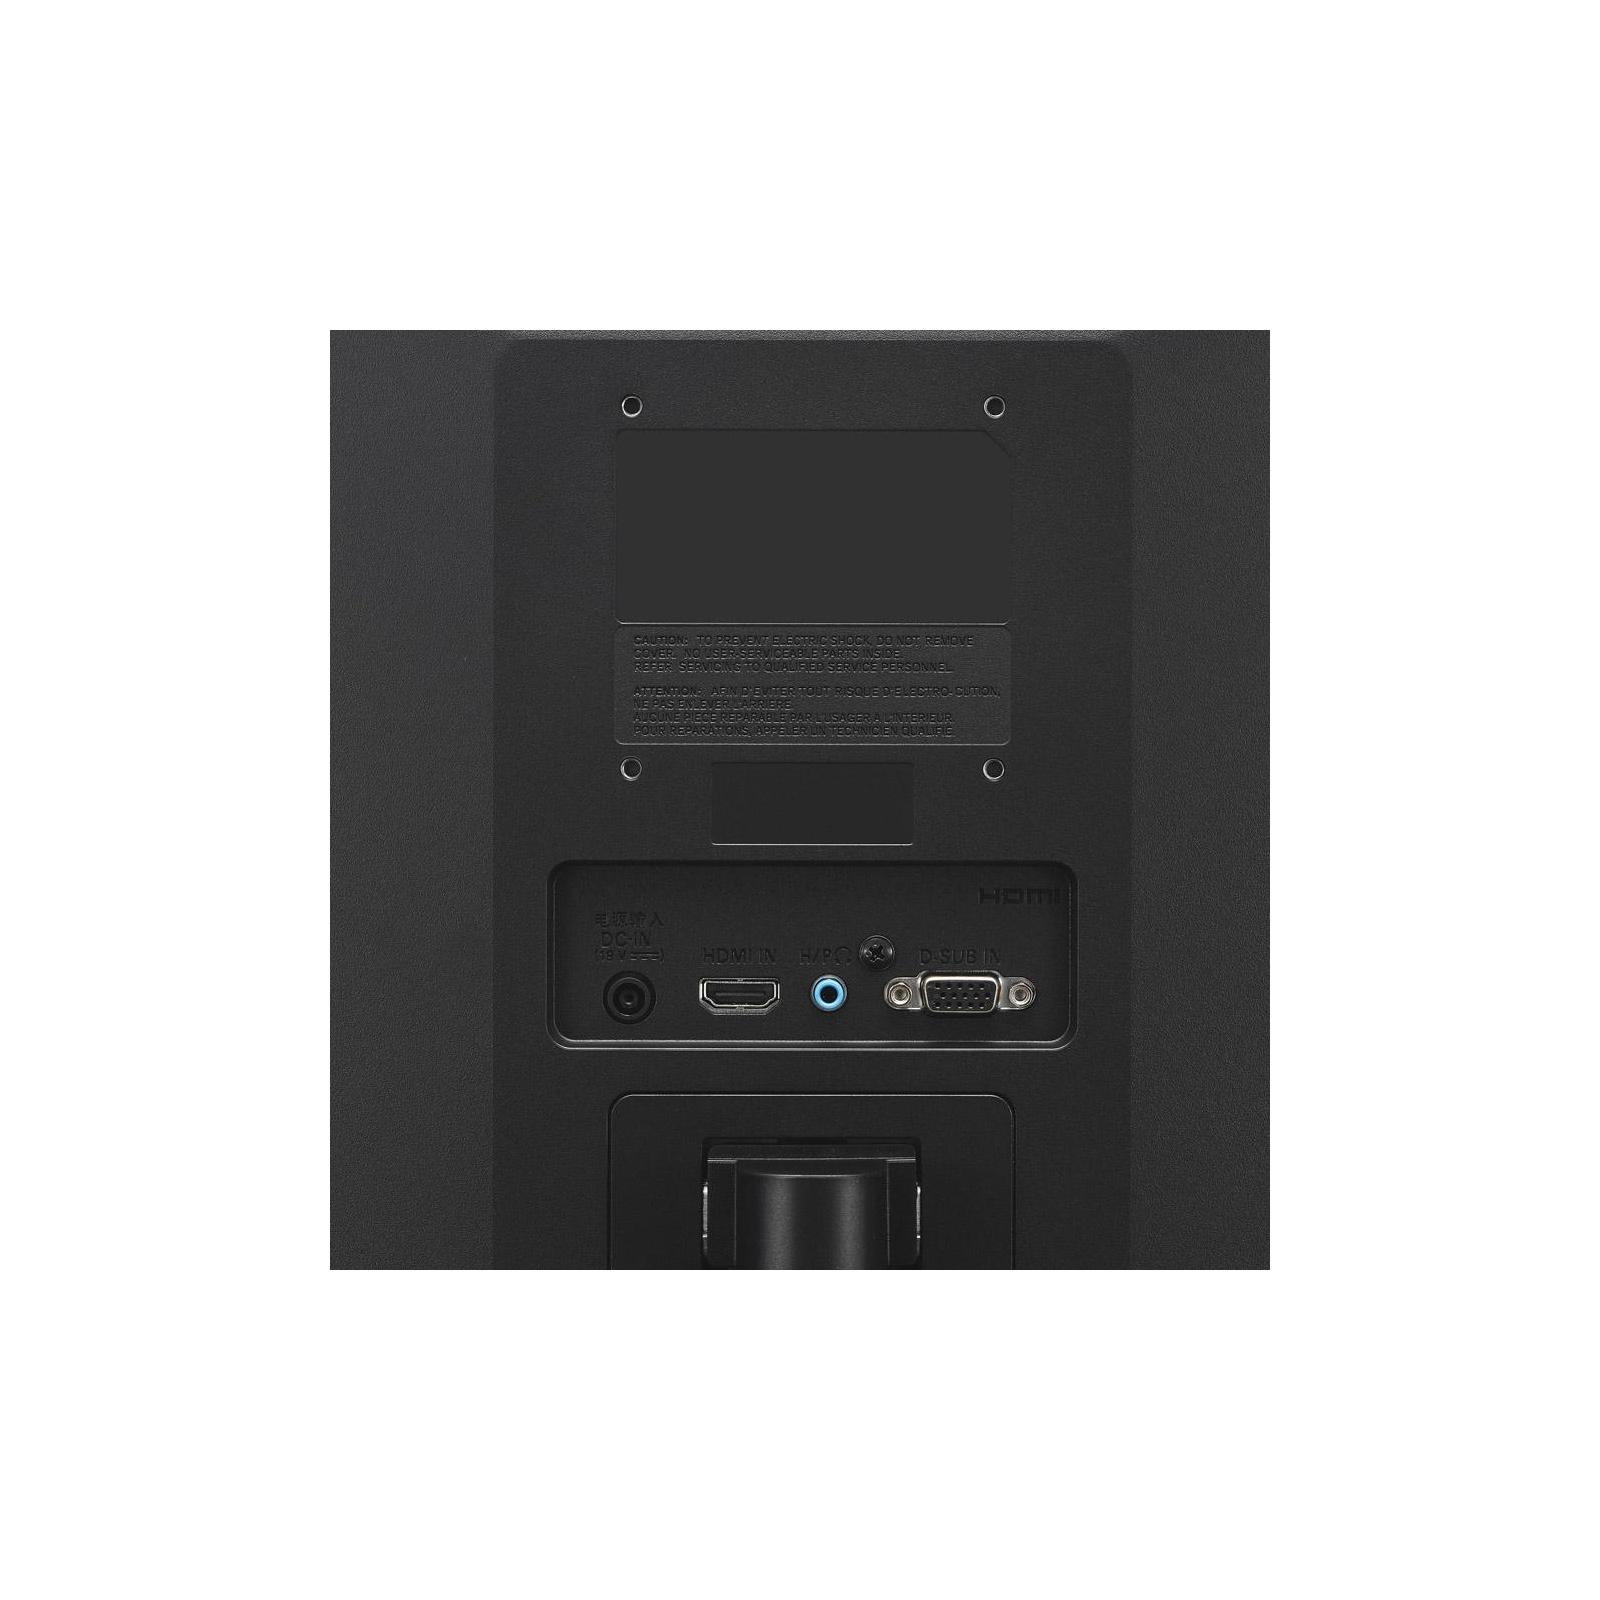 Монитор LG 24MK430H-B изображение 5